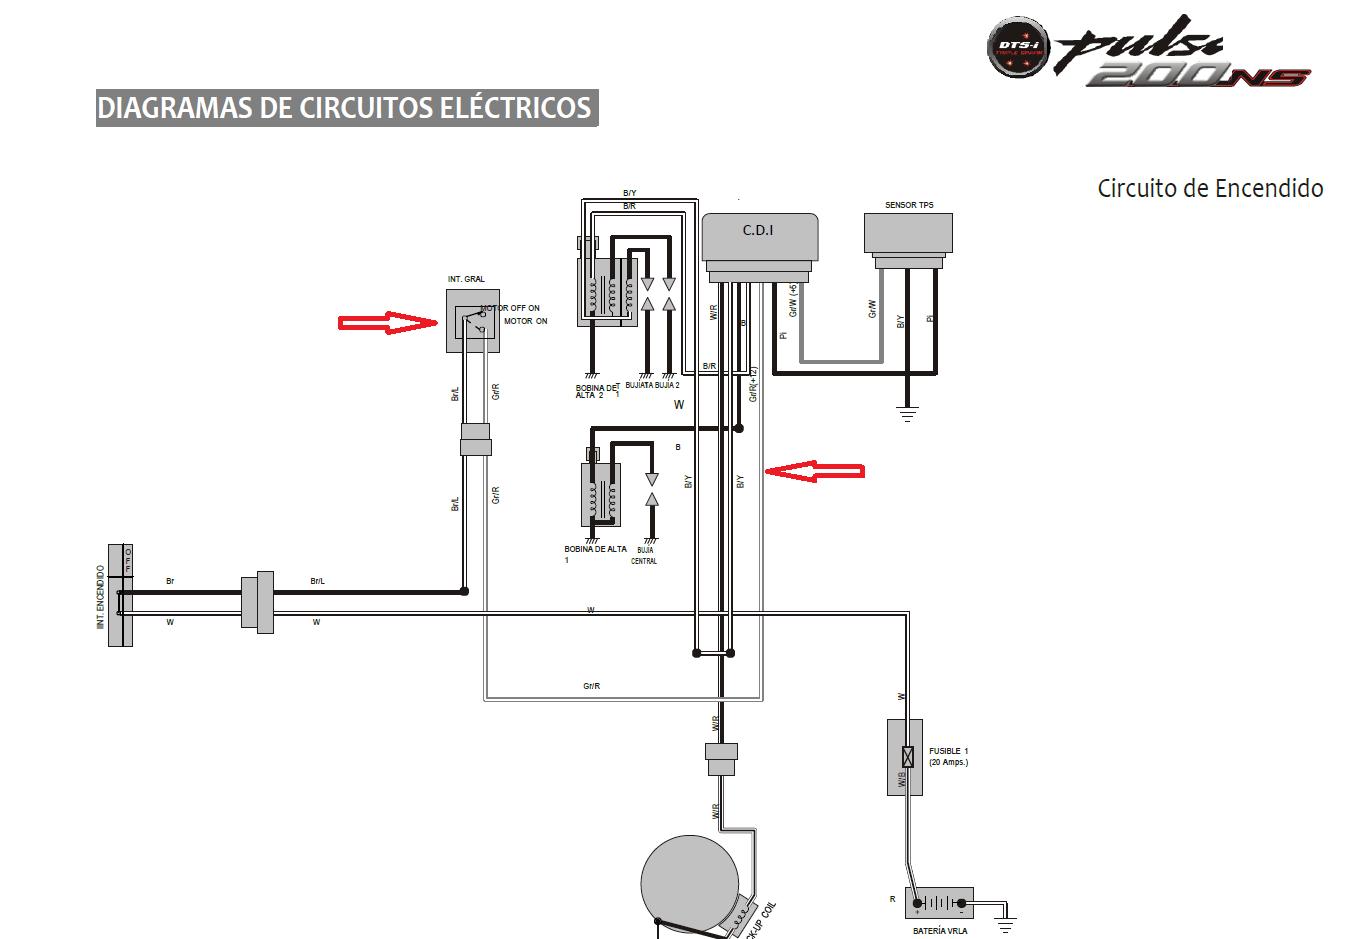 b 17 Diagrama del motor